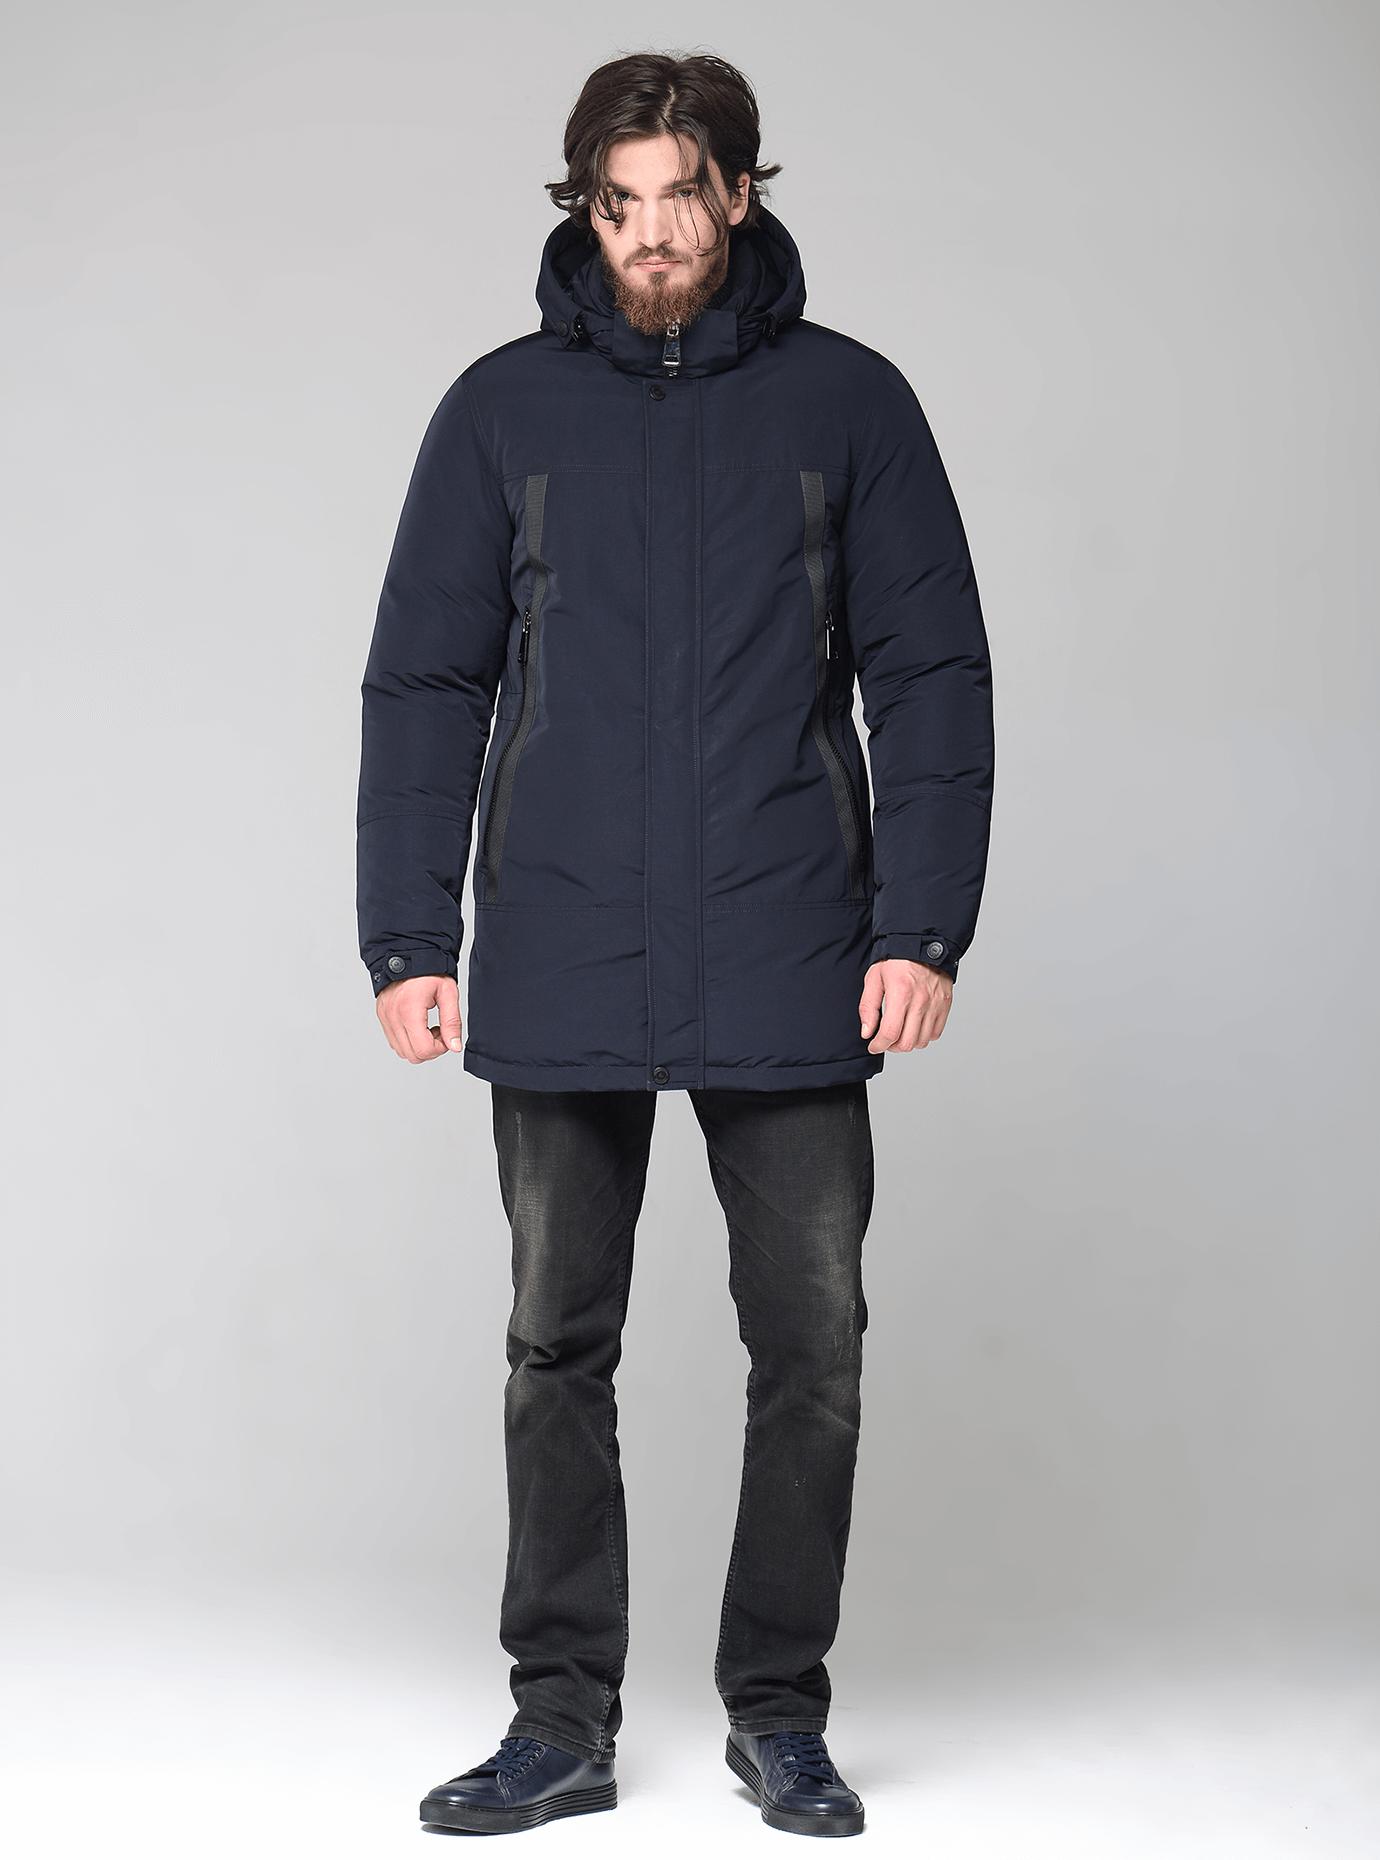 Чоловіча куртка зимова з капюшоном Синій 52 (02-MS1901207): фото - Alster.ua